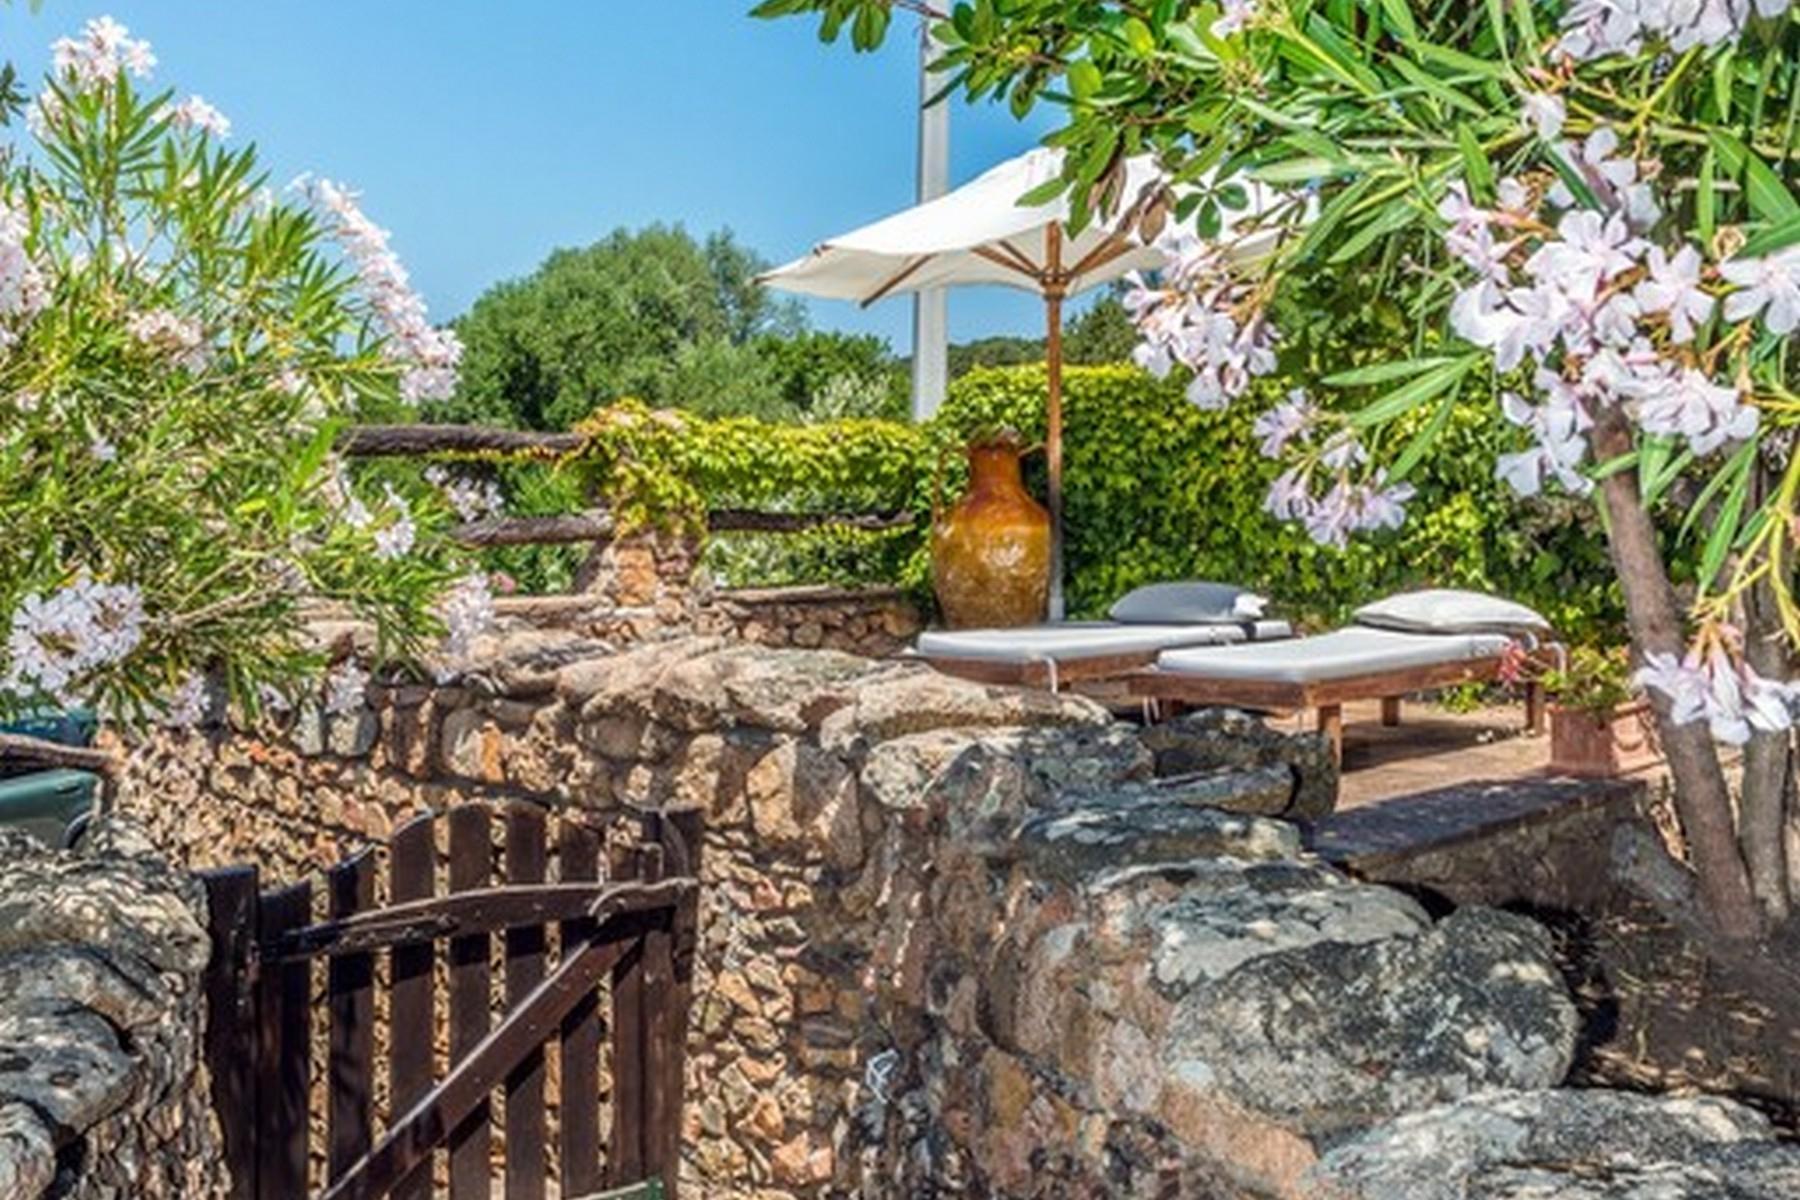 撒丁岛西北部Liscia di Vacca地区优美的别墅 - 37